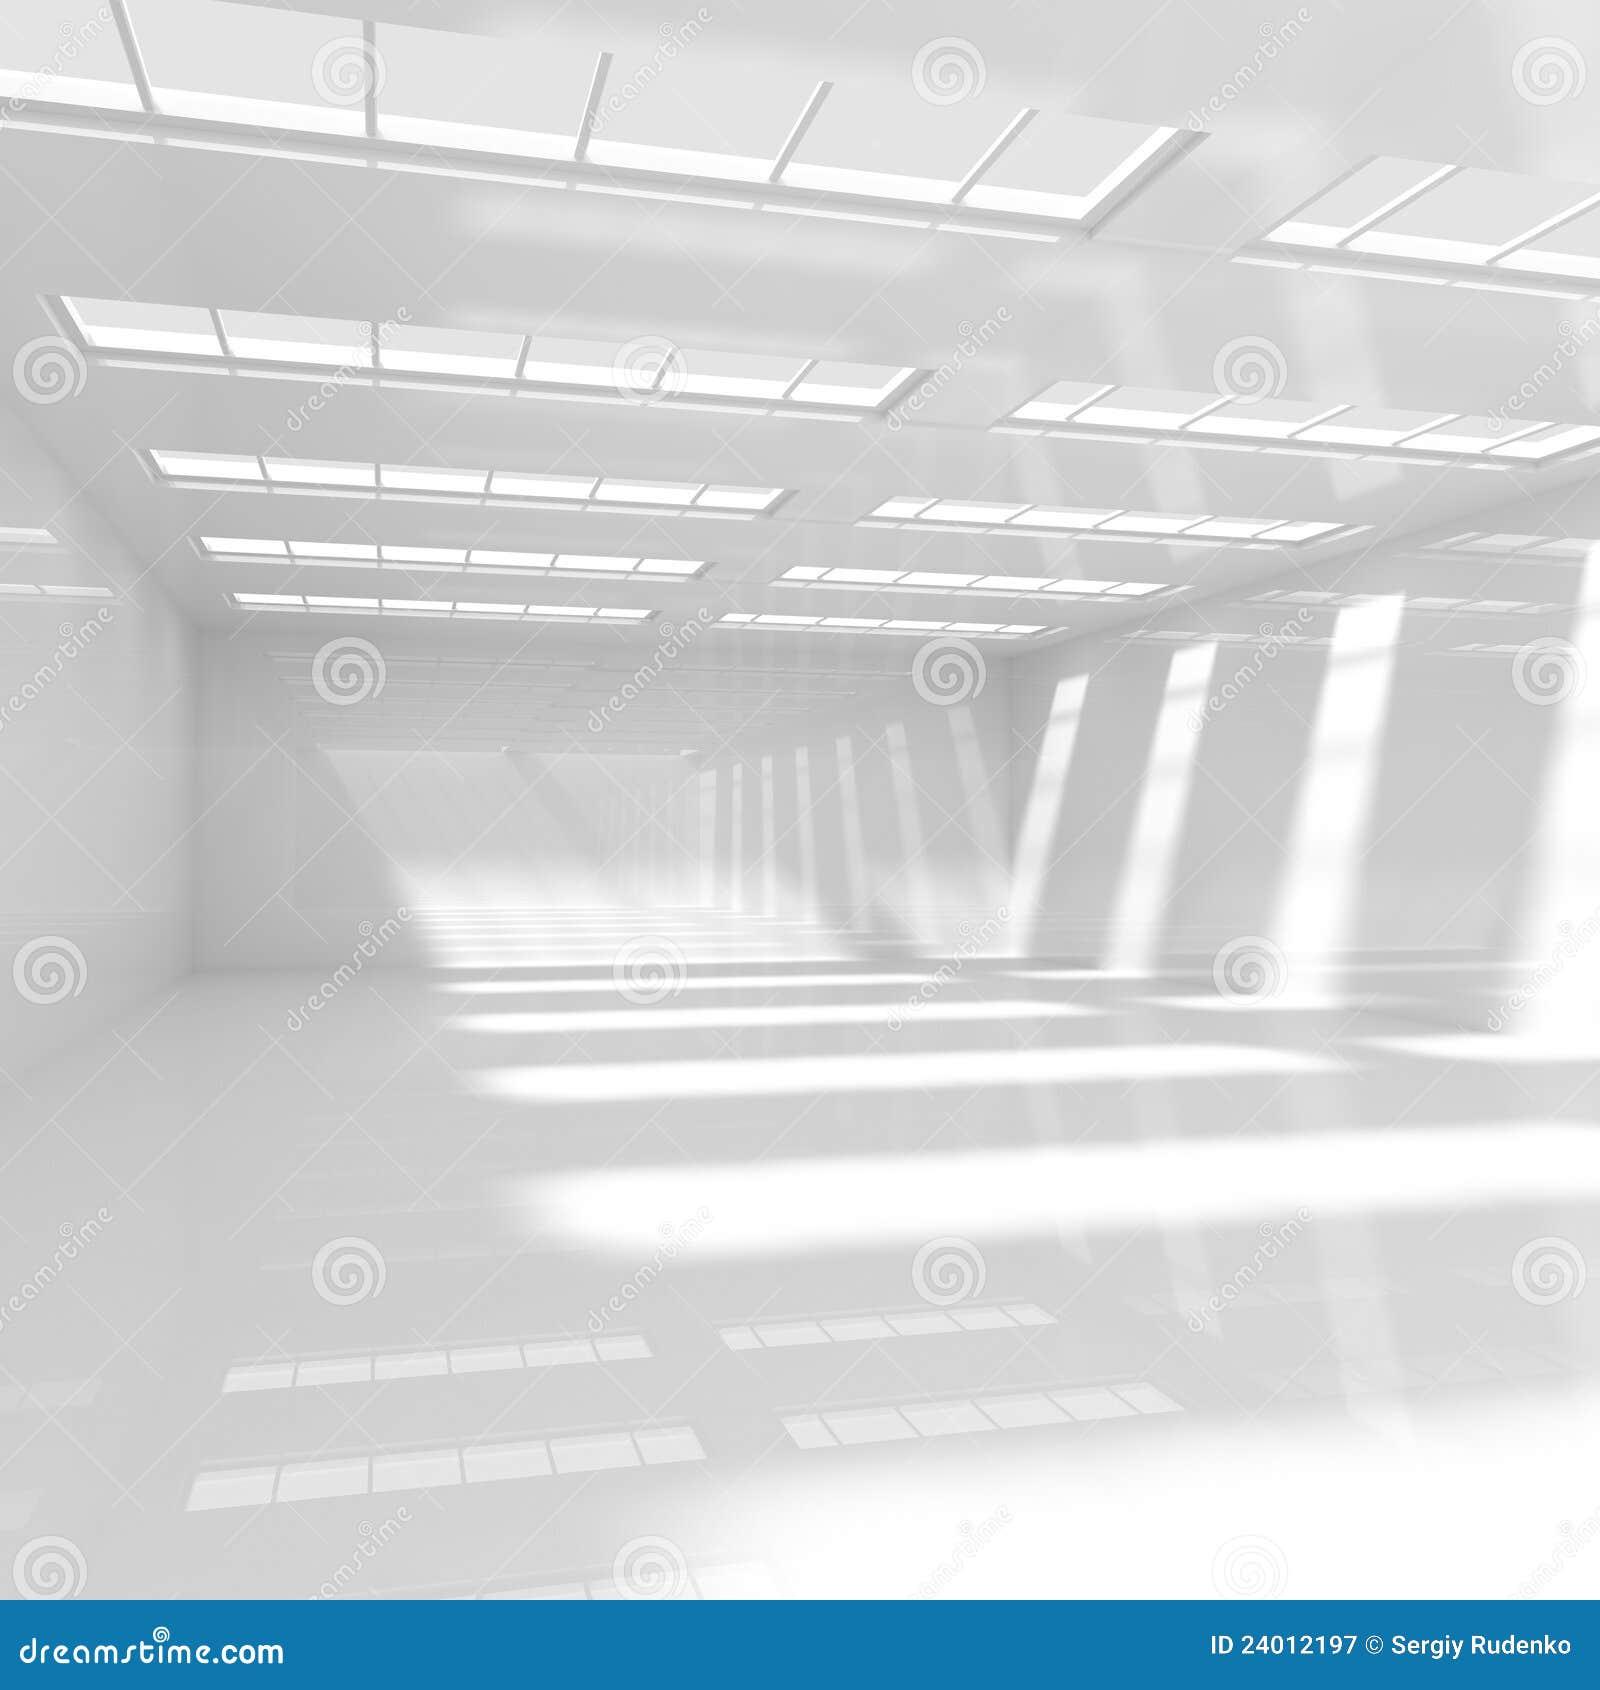 Empty White Room stock illustration. Illustration of inside - 24012197